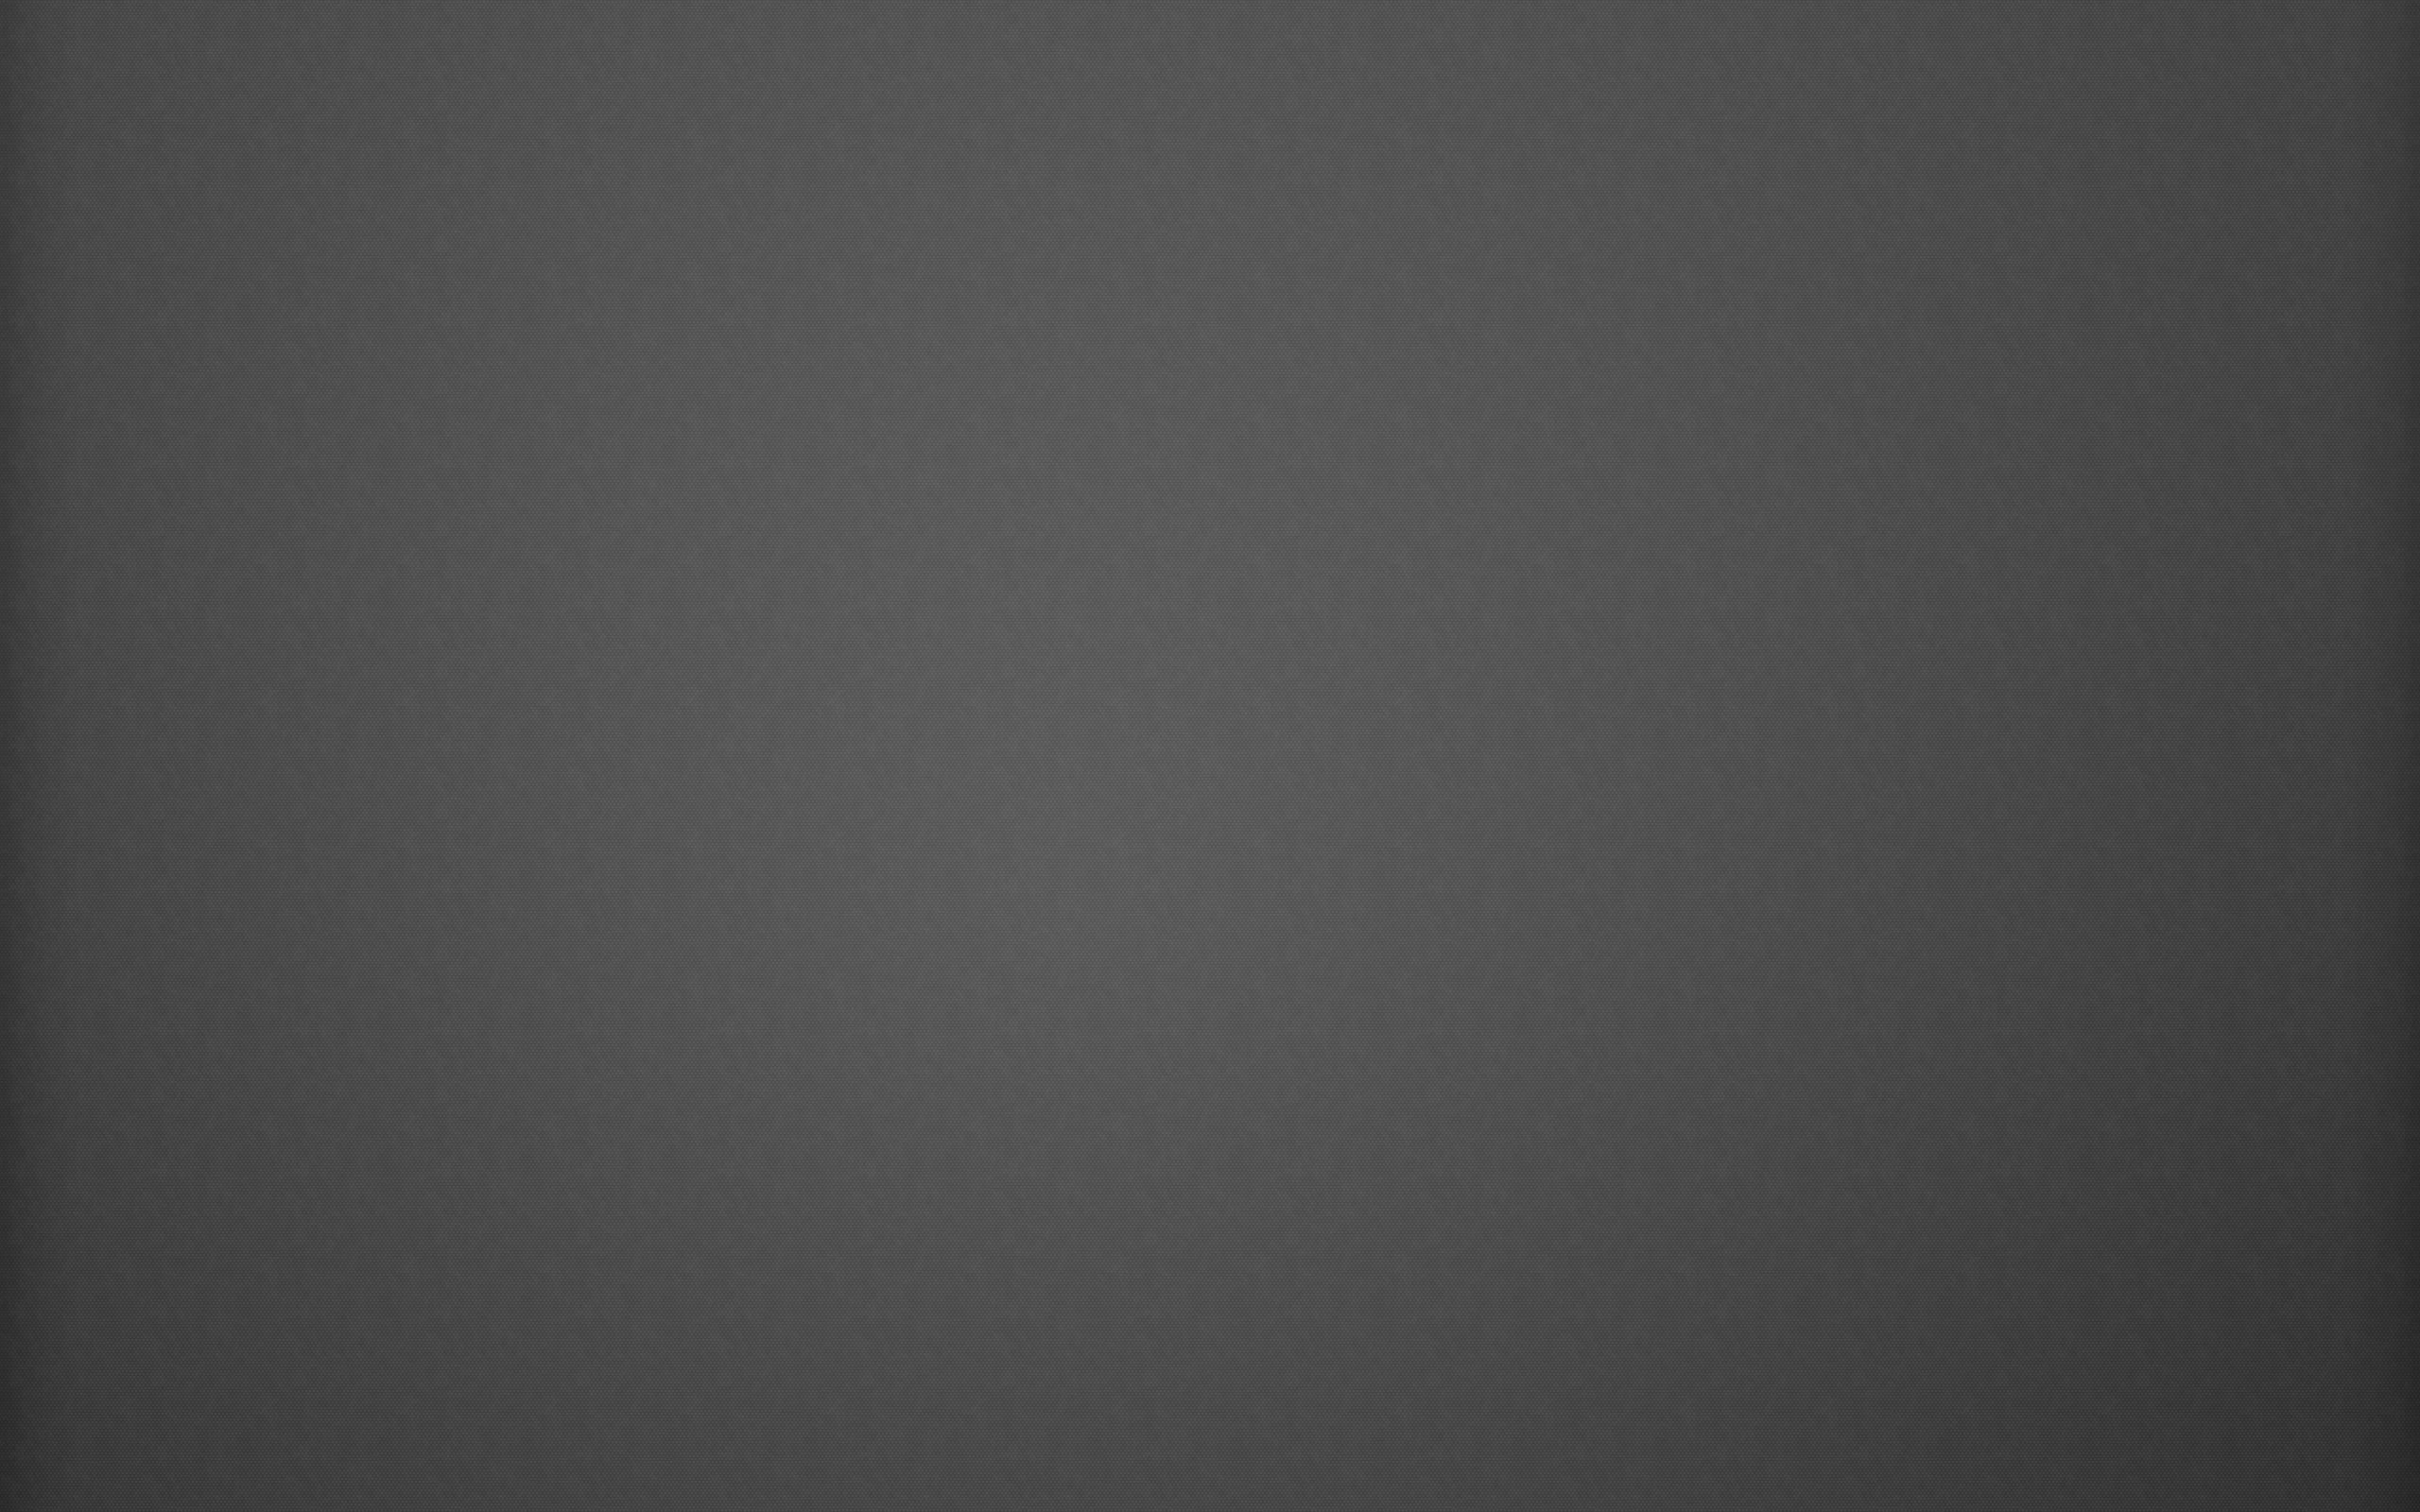 Textures Matte Wallpaper 2560x1600 18117 Wallpaperup